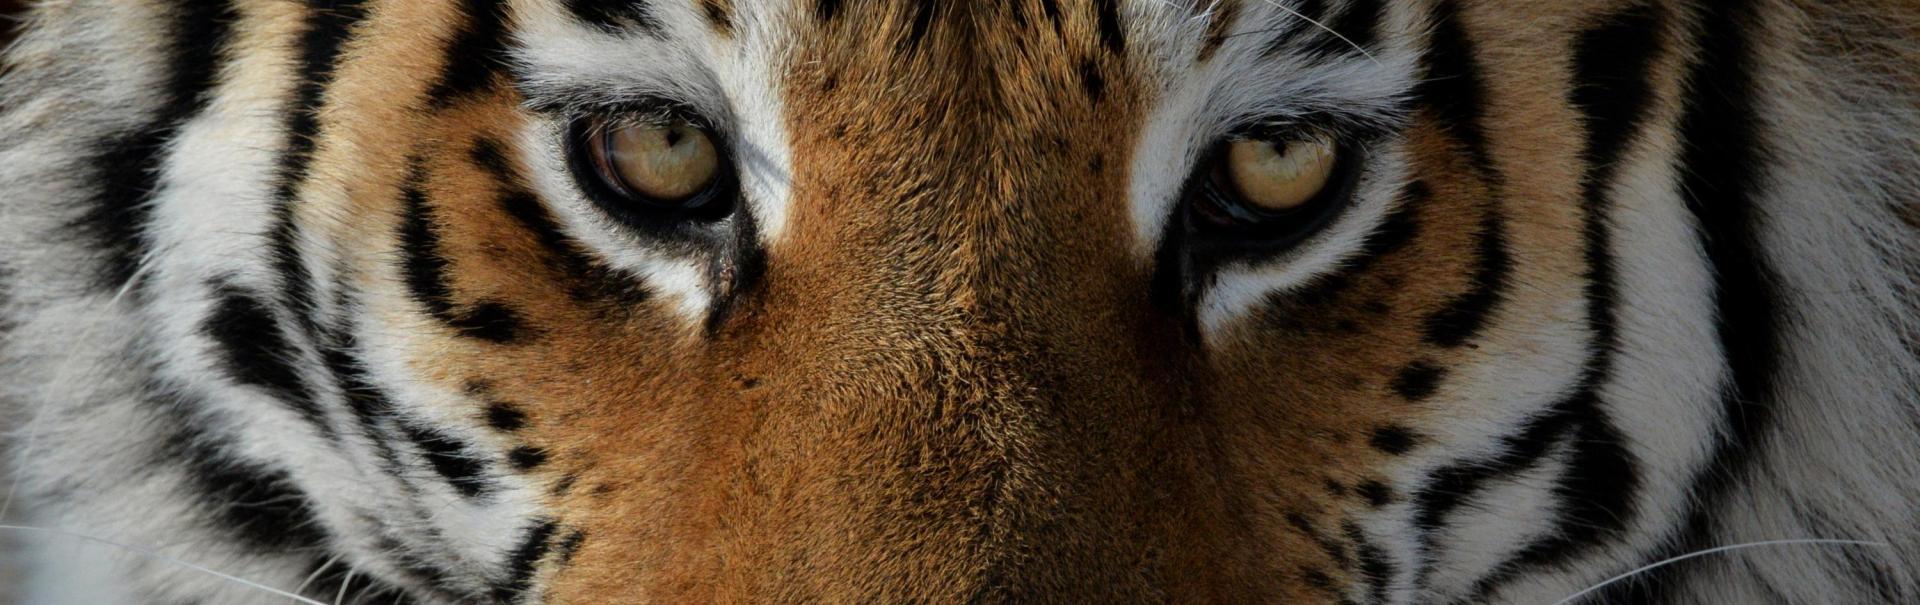 Să învățăm să trăim. Principiile de viață ale tigrilor ne pot asigura succesul în muncă și în viață